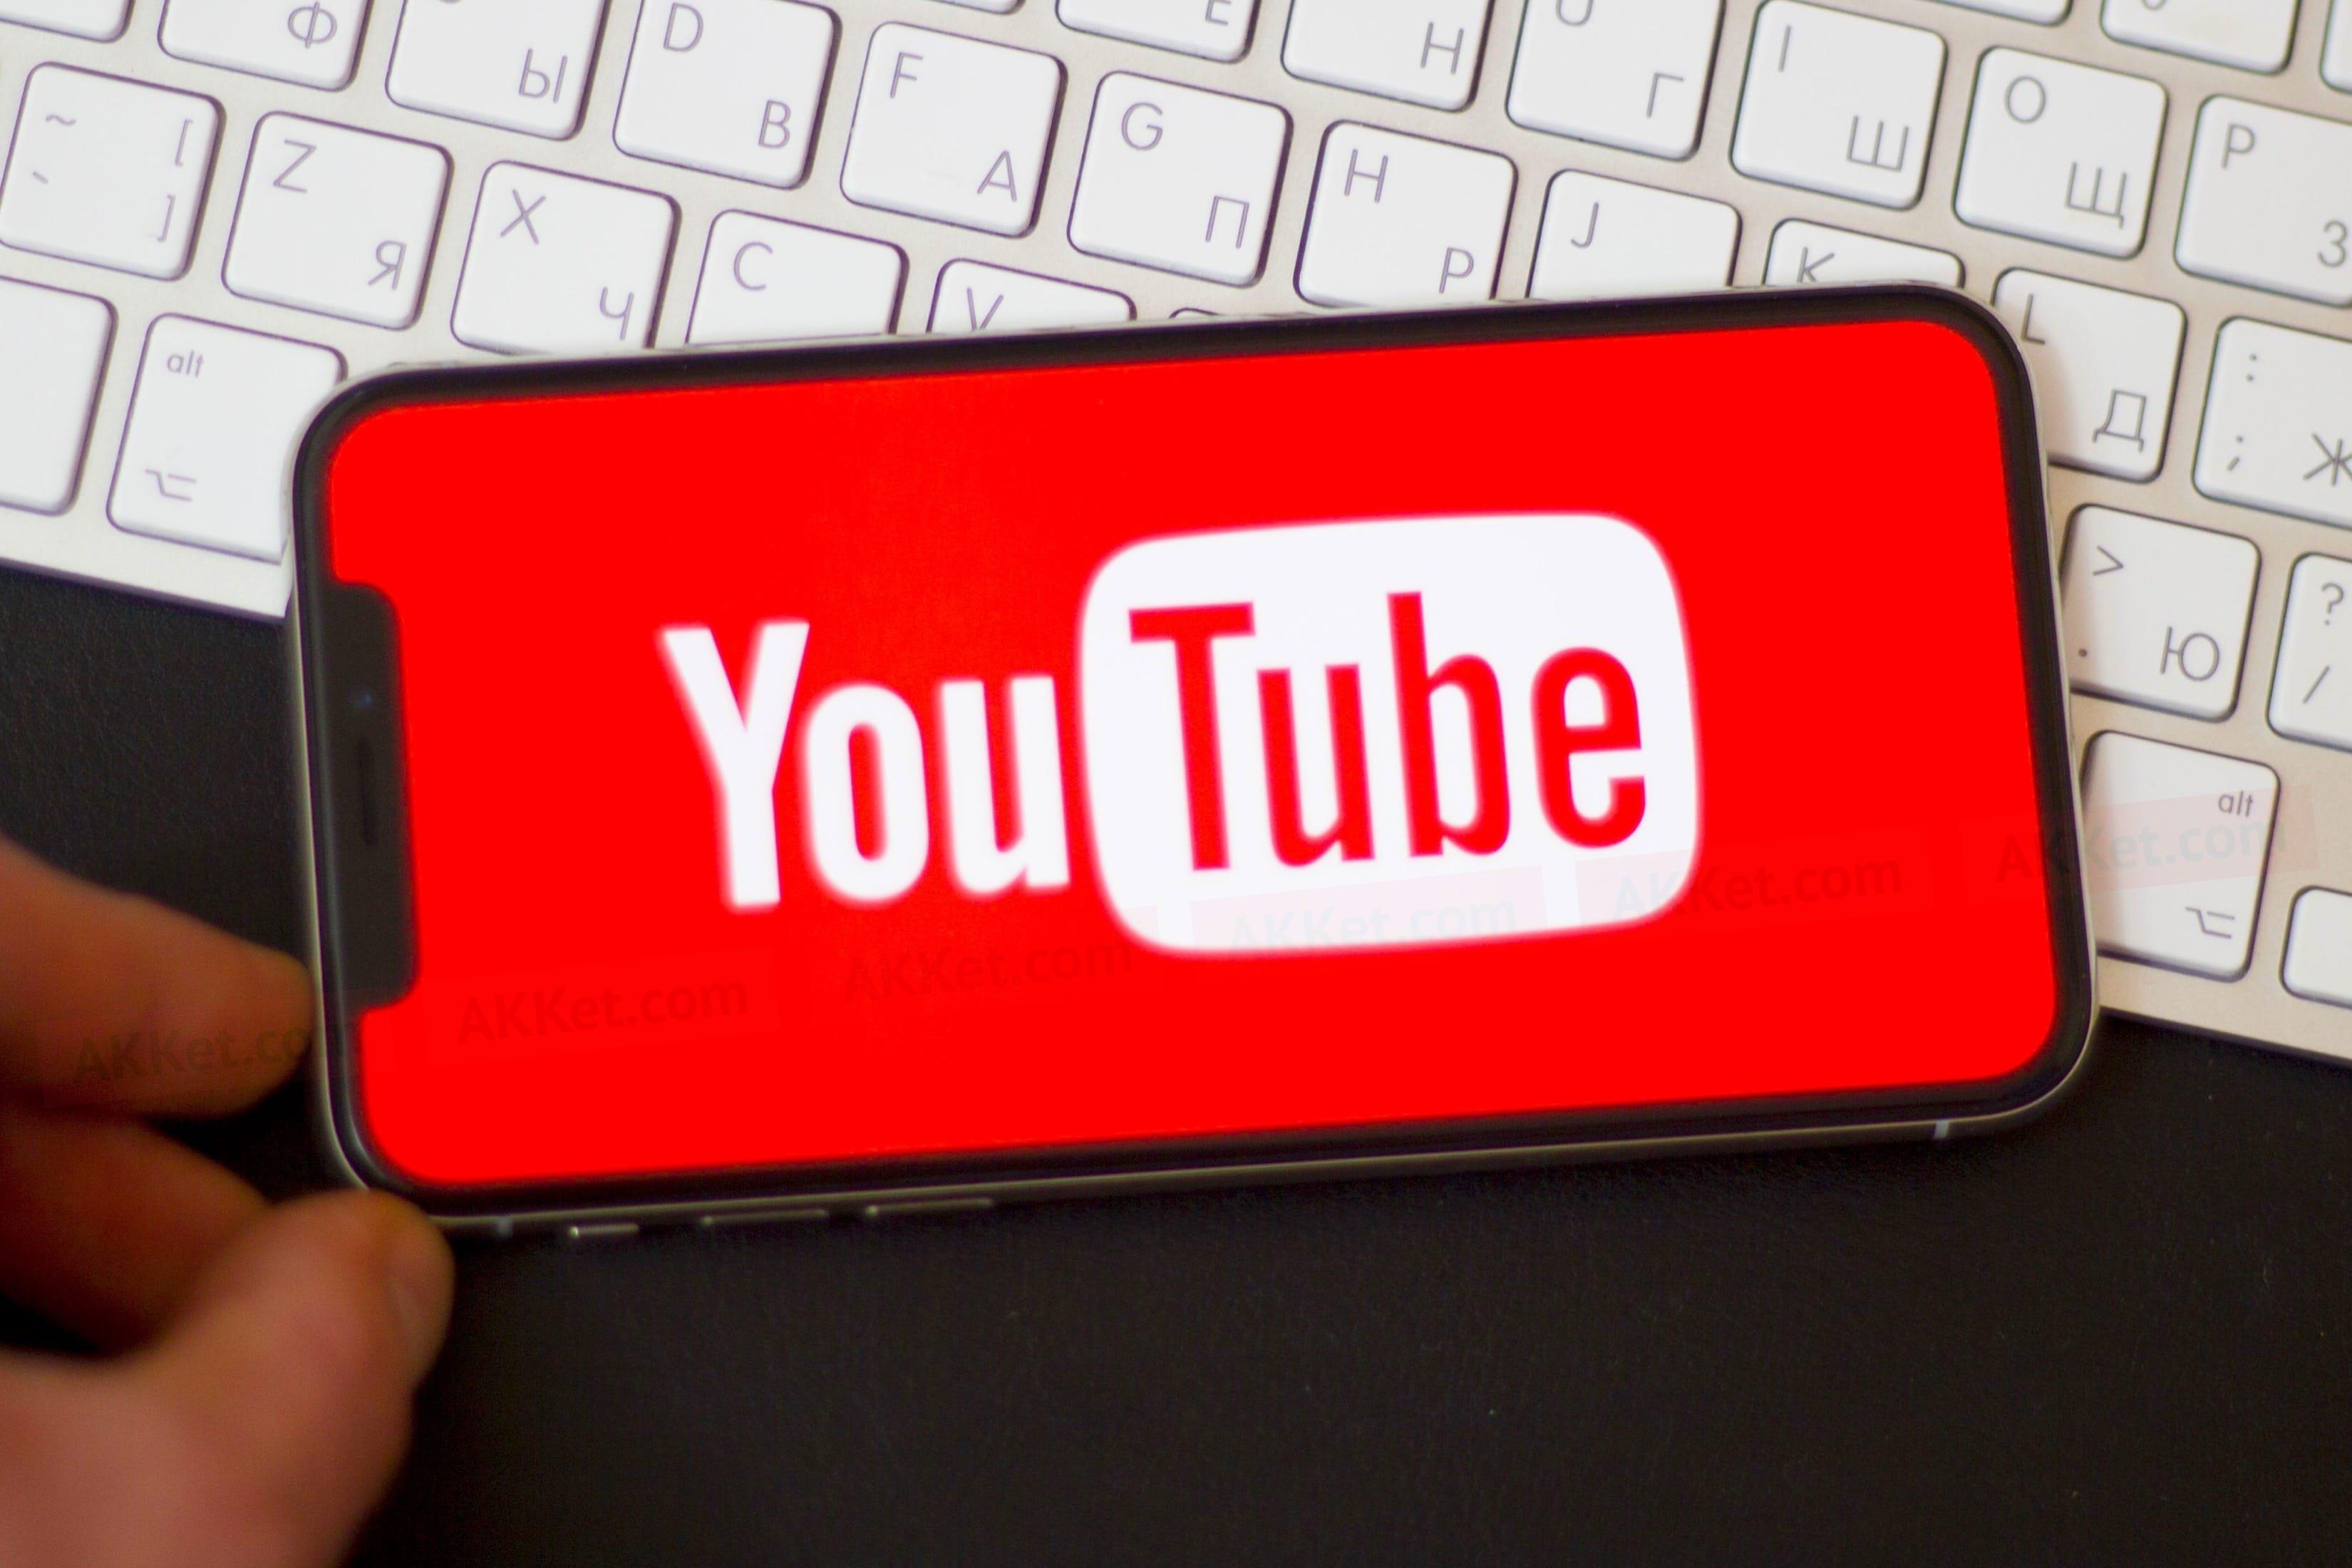 youtube aplicação smartphone